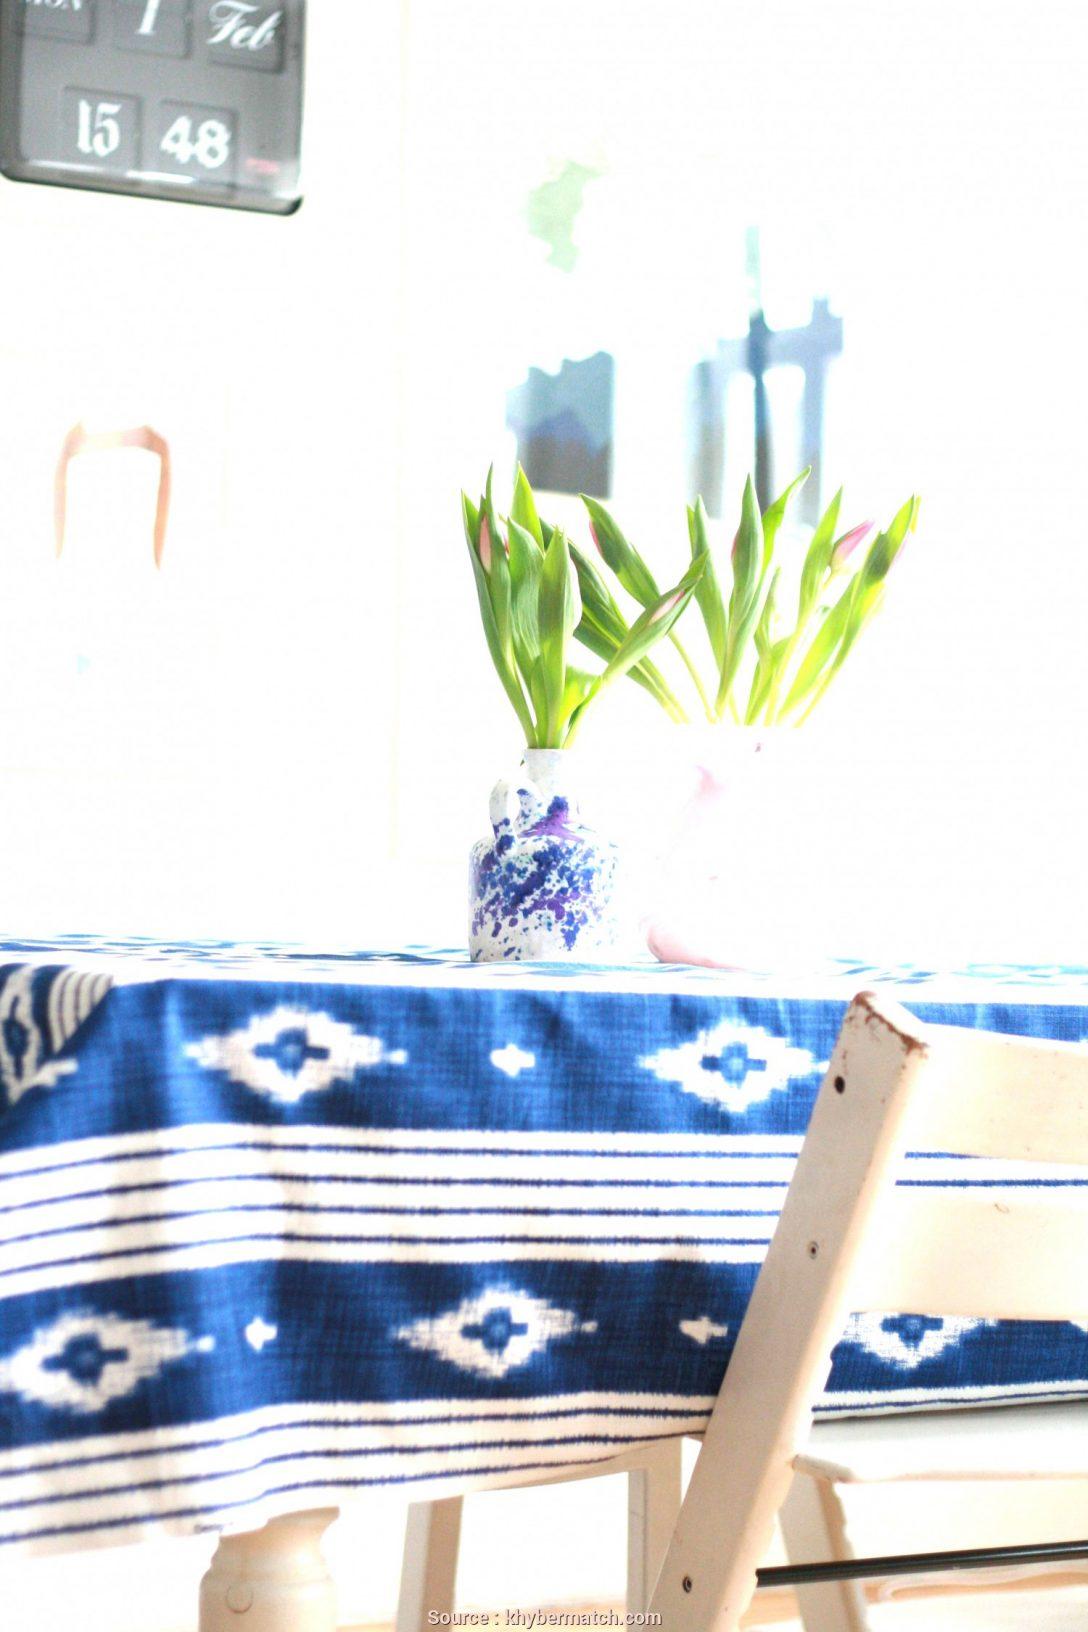 Large Size of Sichtschutz Balkon Ikea Affascinante 4 Stoffe Kaufen Jake Vintage Fenster Miniküche Sofa Mit Schlaffunktion Küche Betten 160x200 Sichtschutzfolie Garten Wpc Wohnzimmer Sichtschutz Balkon Ikea